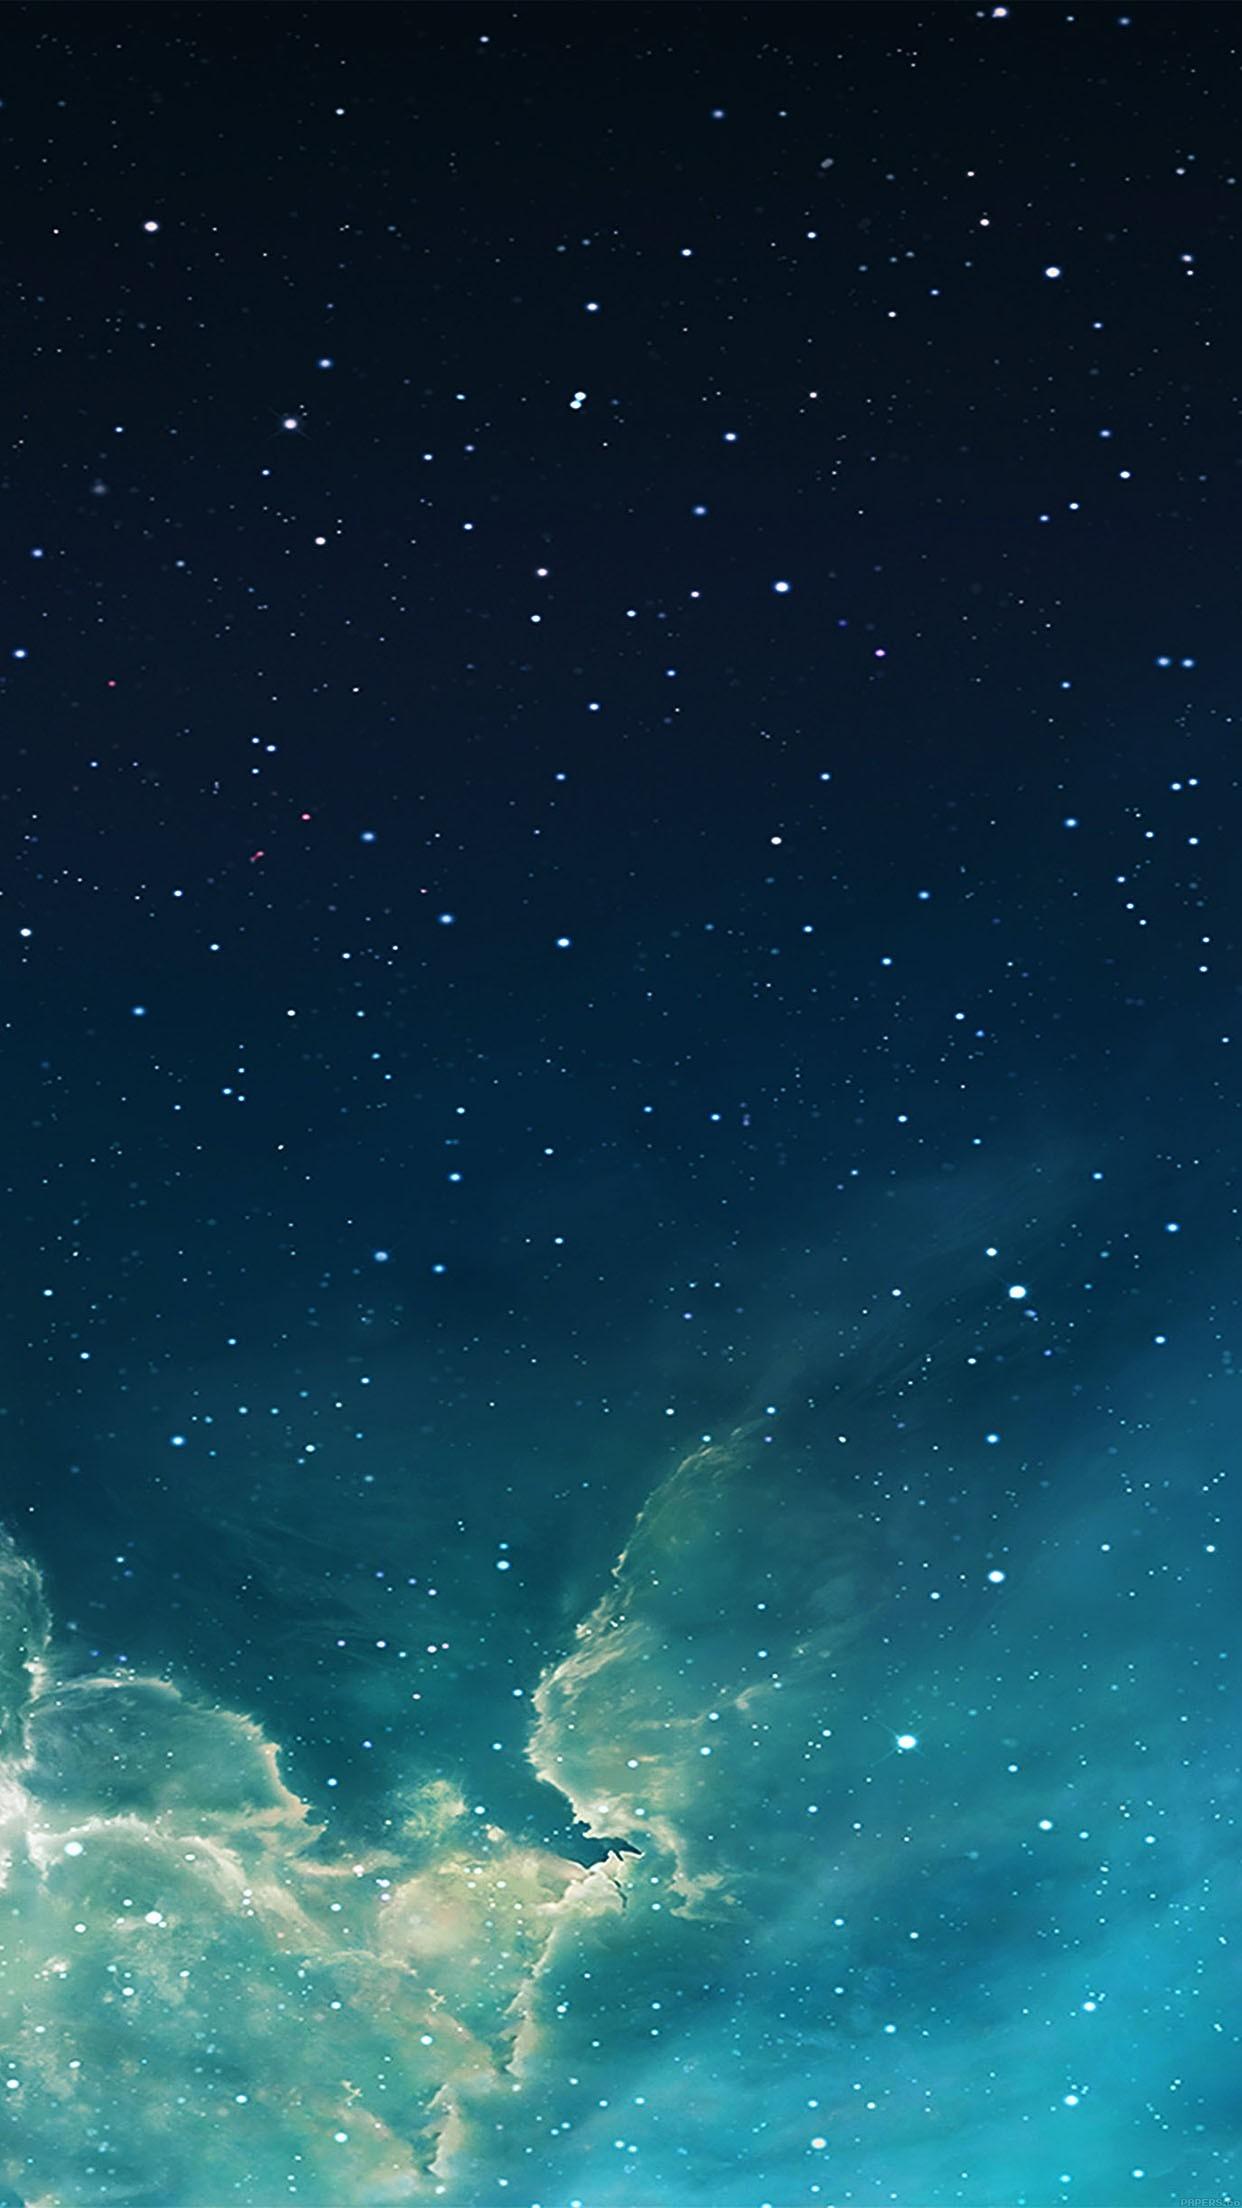 Sky Full Of Stars Wallpaper 64 Images